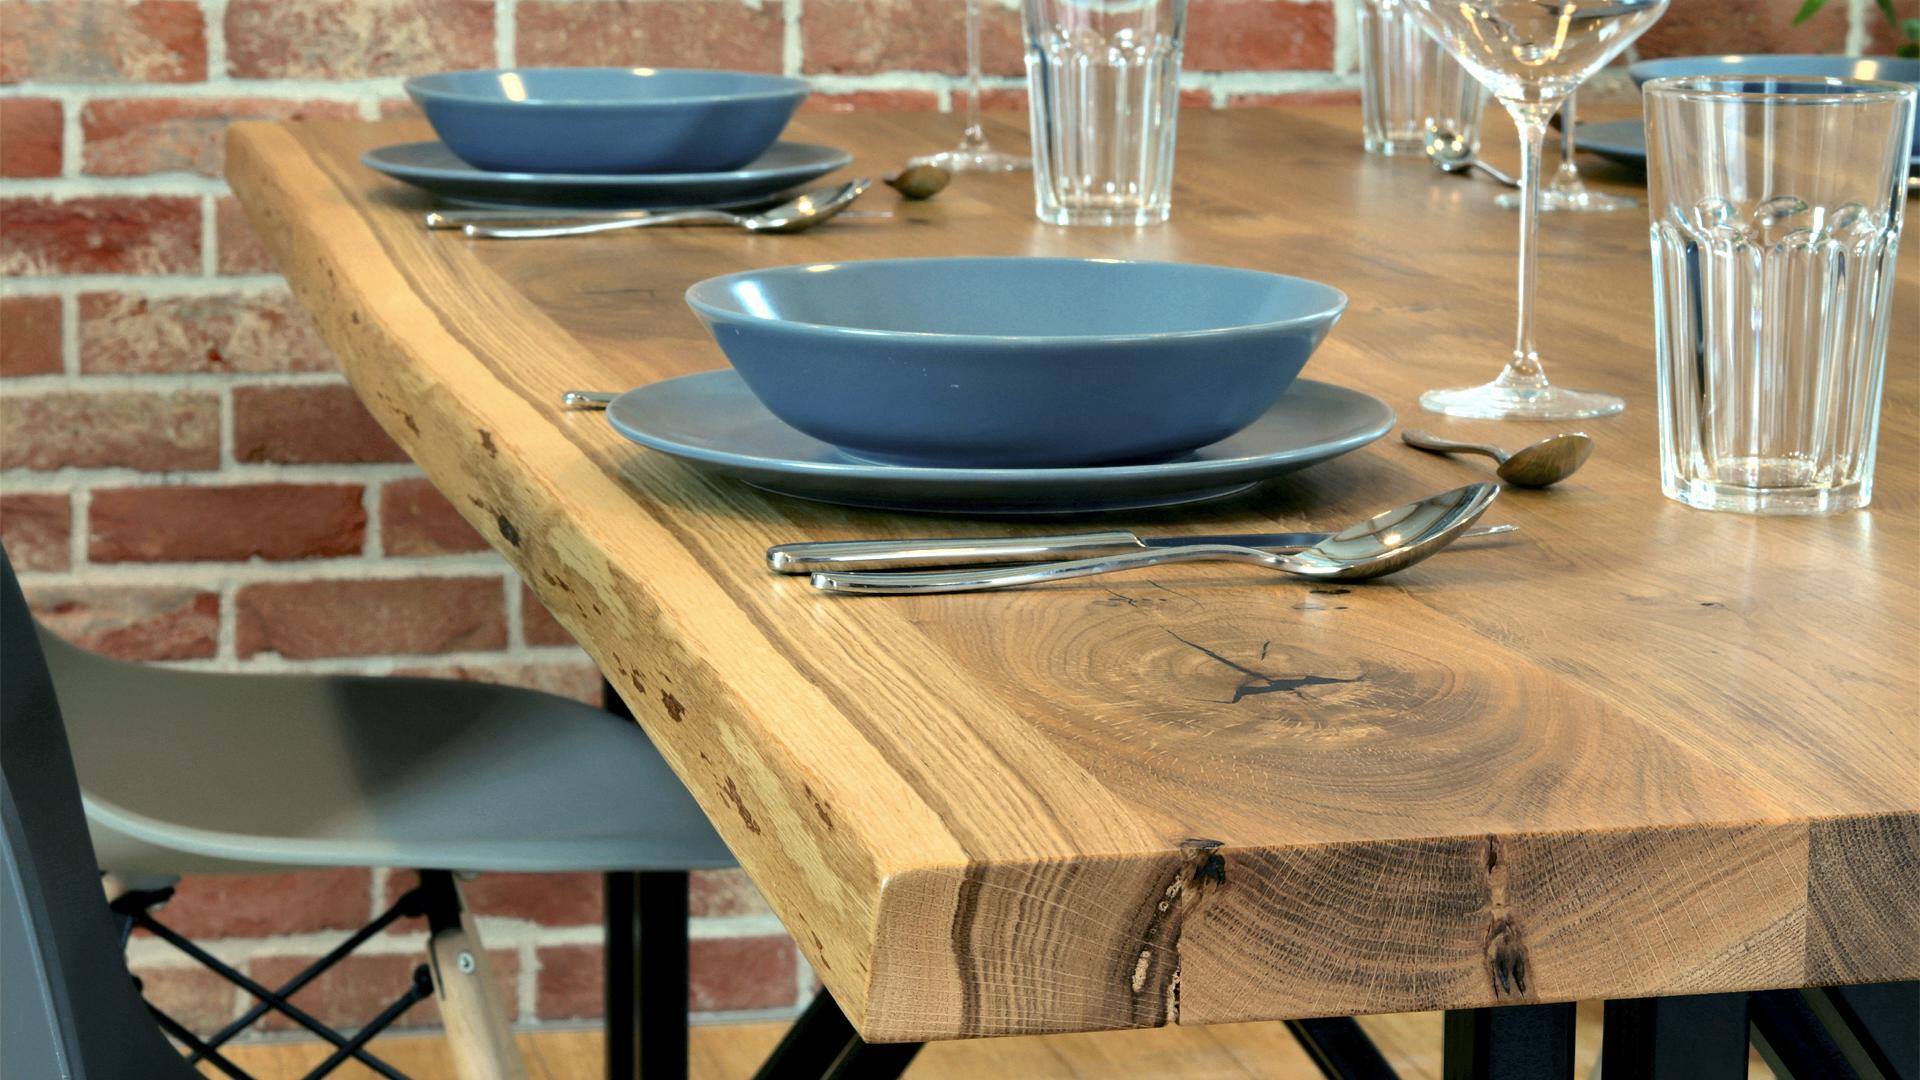 Loftowy stół z drewnianym blatem